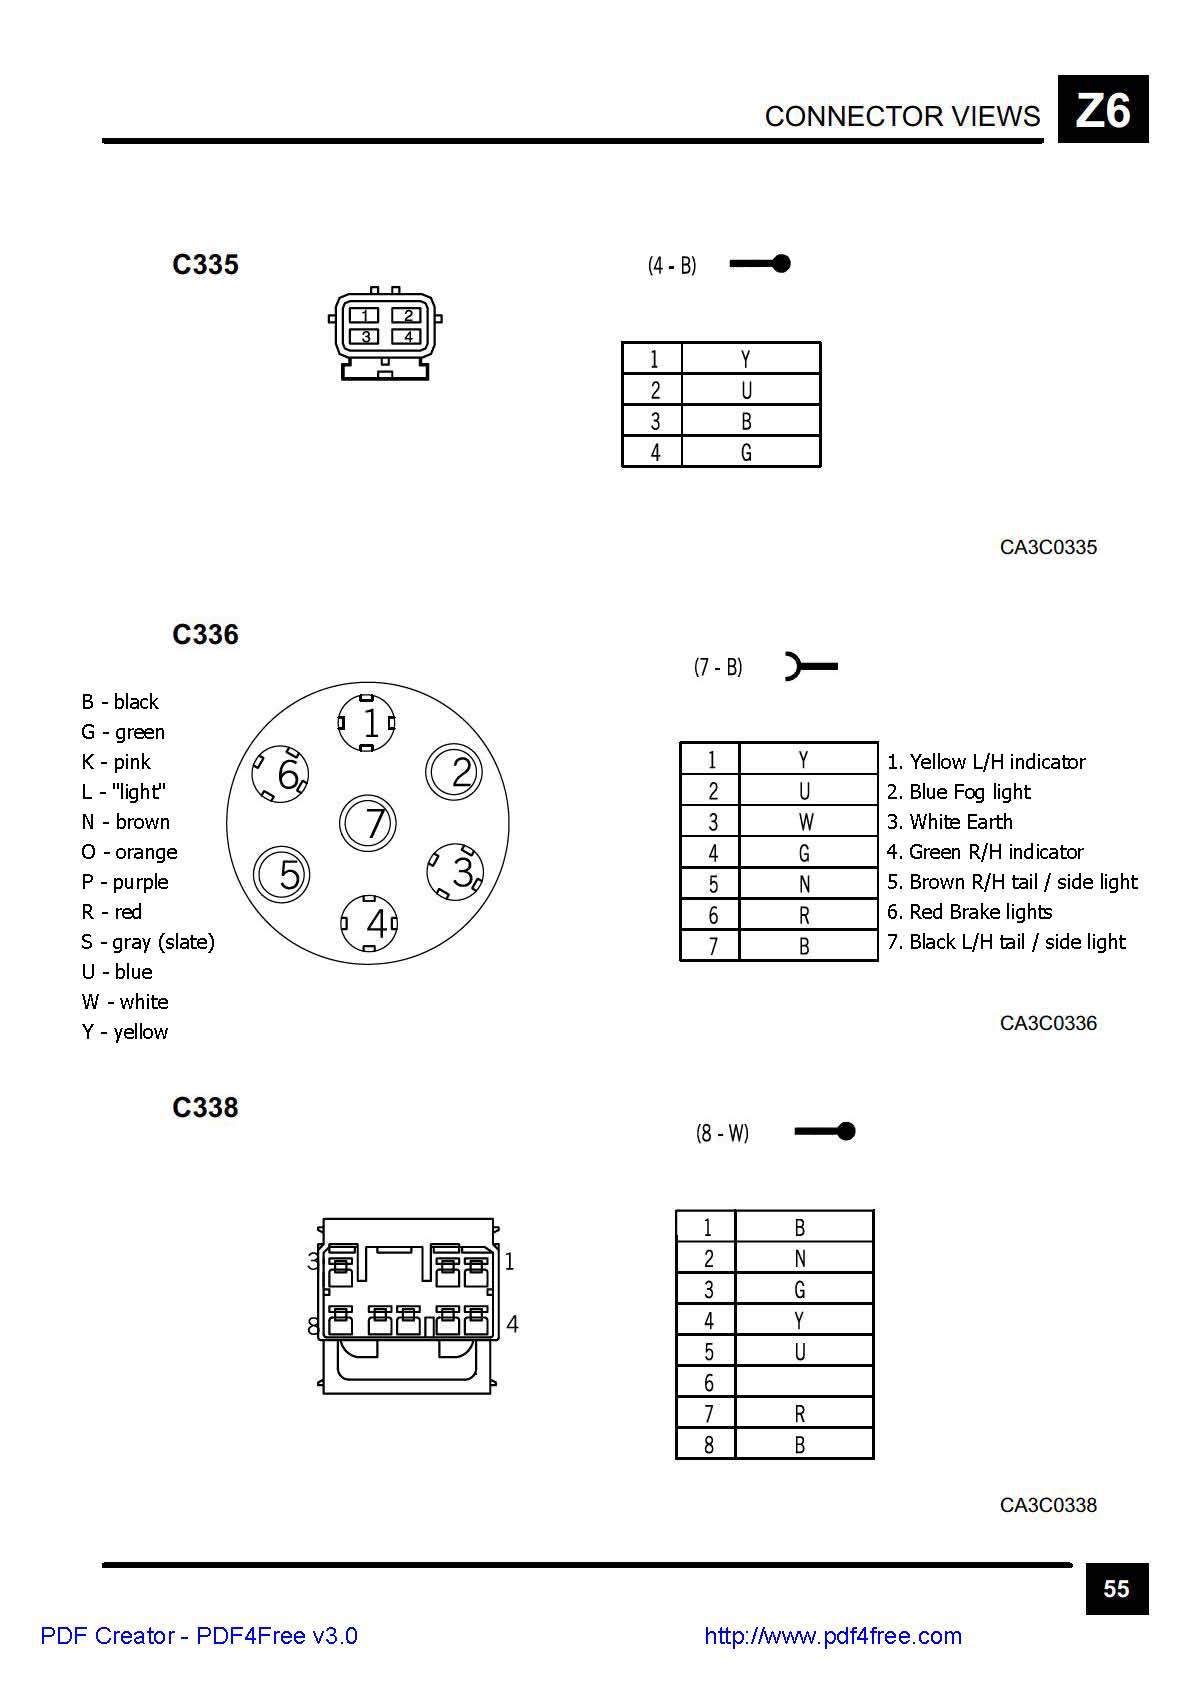 [QMVU_8575]  Wiring Diagram on Hella Trailer 7 pin connector | RangeRovers.net Forum | Wire Trailer Wiring Diagram Rover 7 Land |  | RangeRovers.net